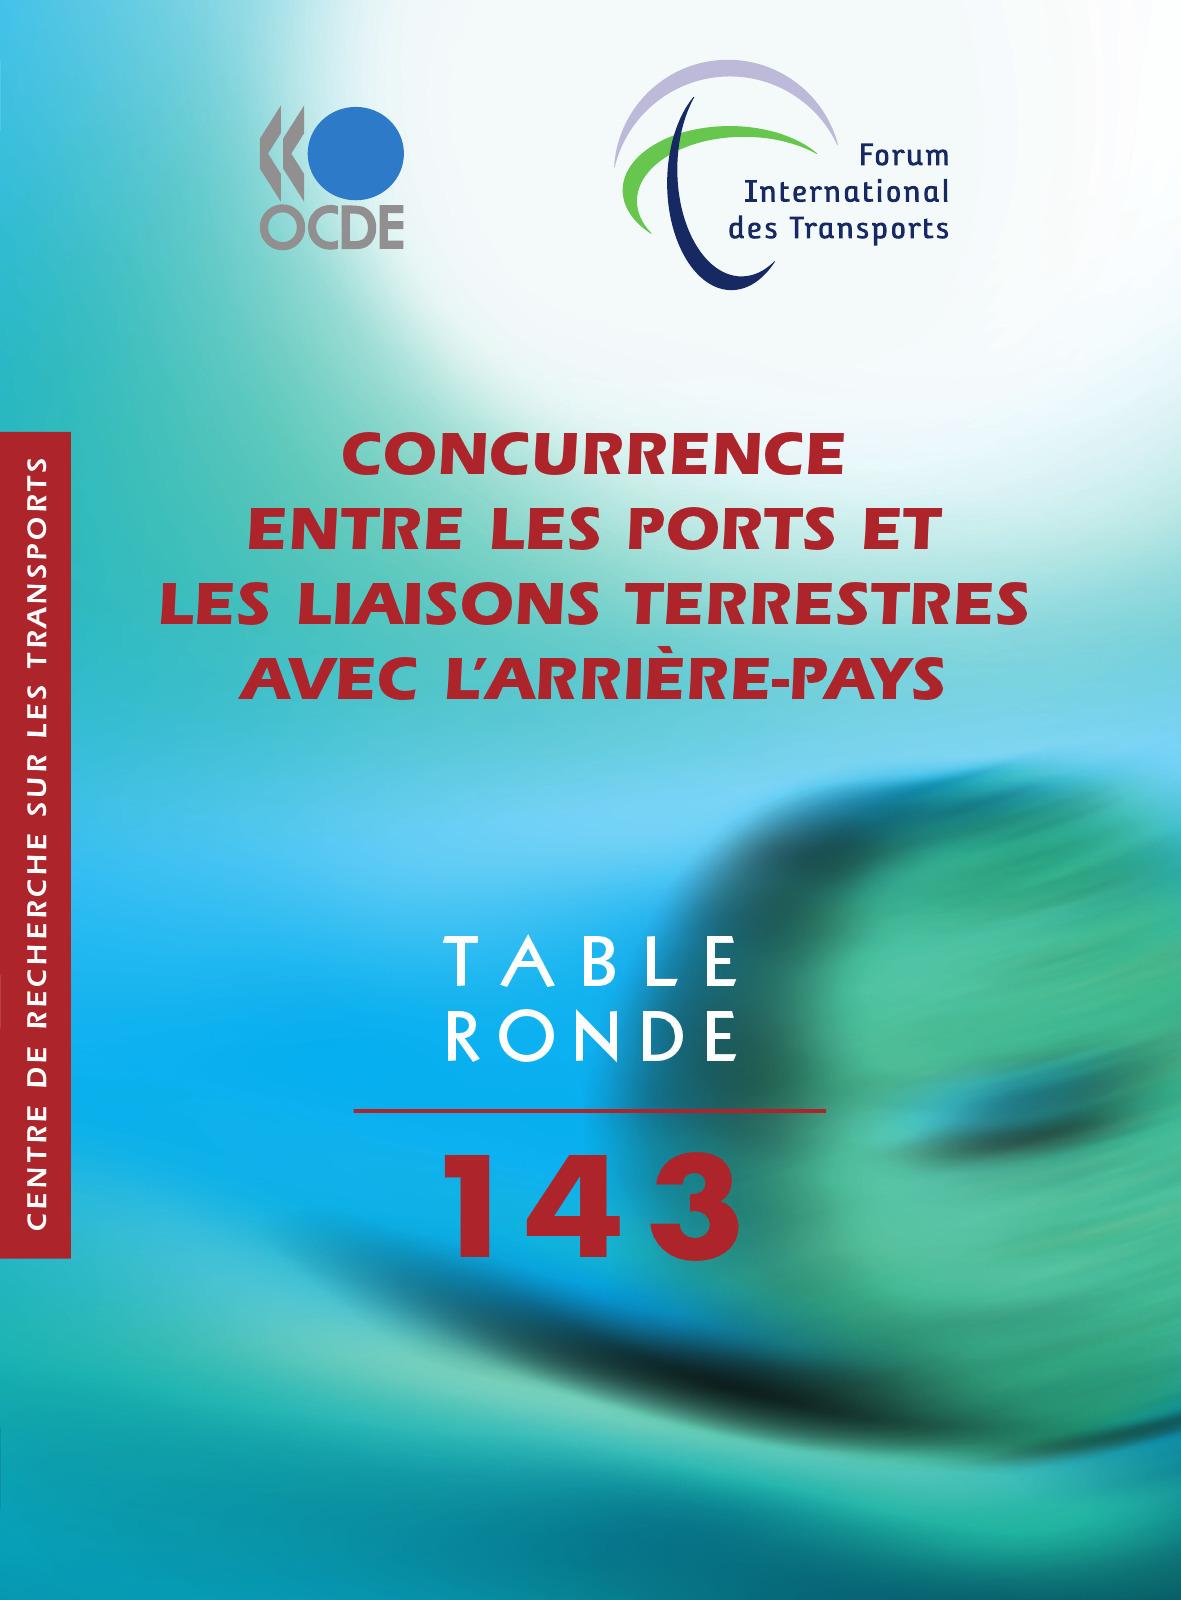 Concurrence entre les ports et les liaisons terrestres avec l'arriere-pays - table ronde 143